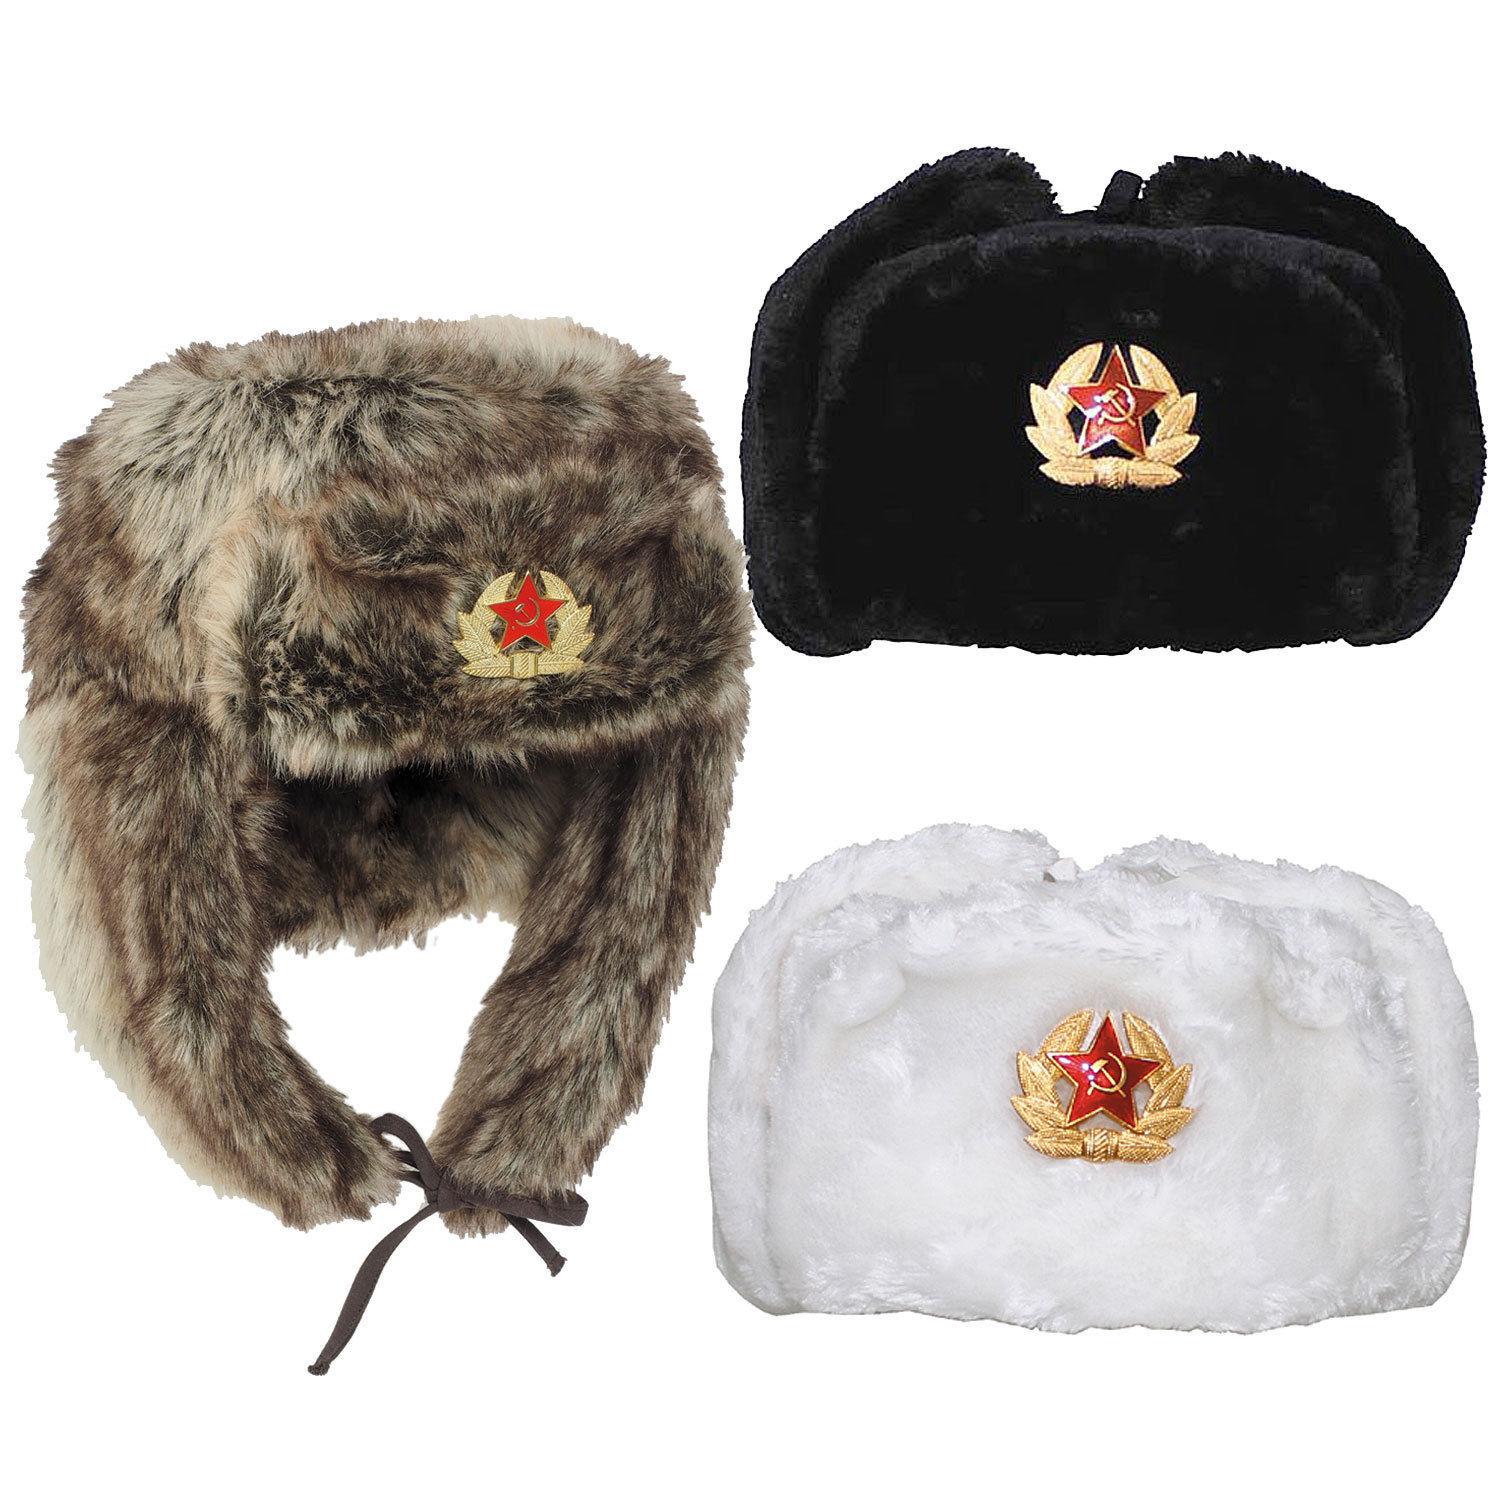 Ruso Gorro de Piel Uschanka XS-XXL Shapka Ejército Invierno Rusia  88e4bbfef3a